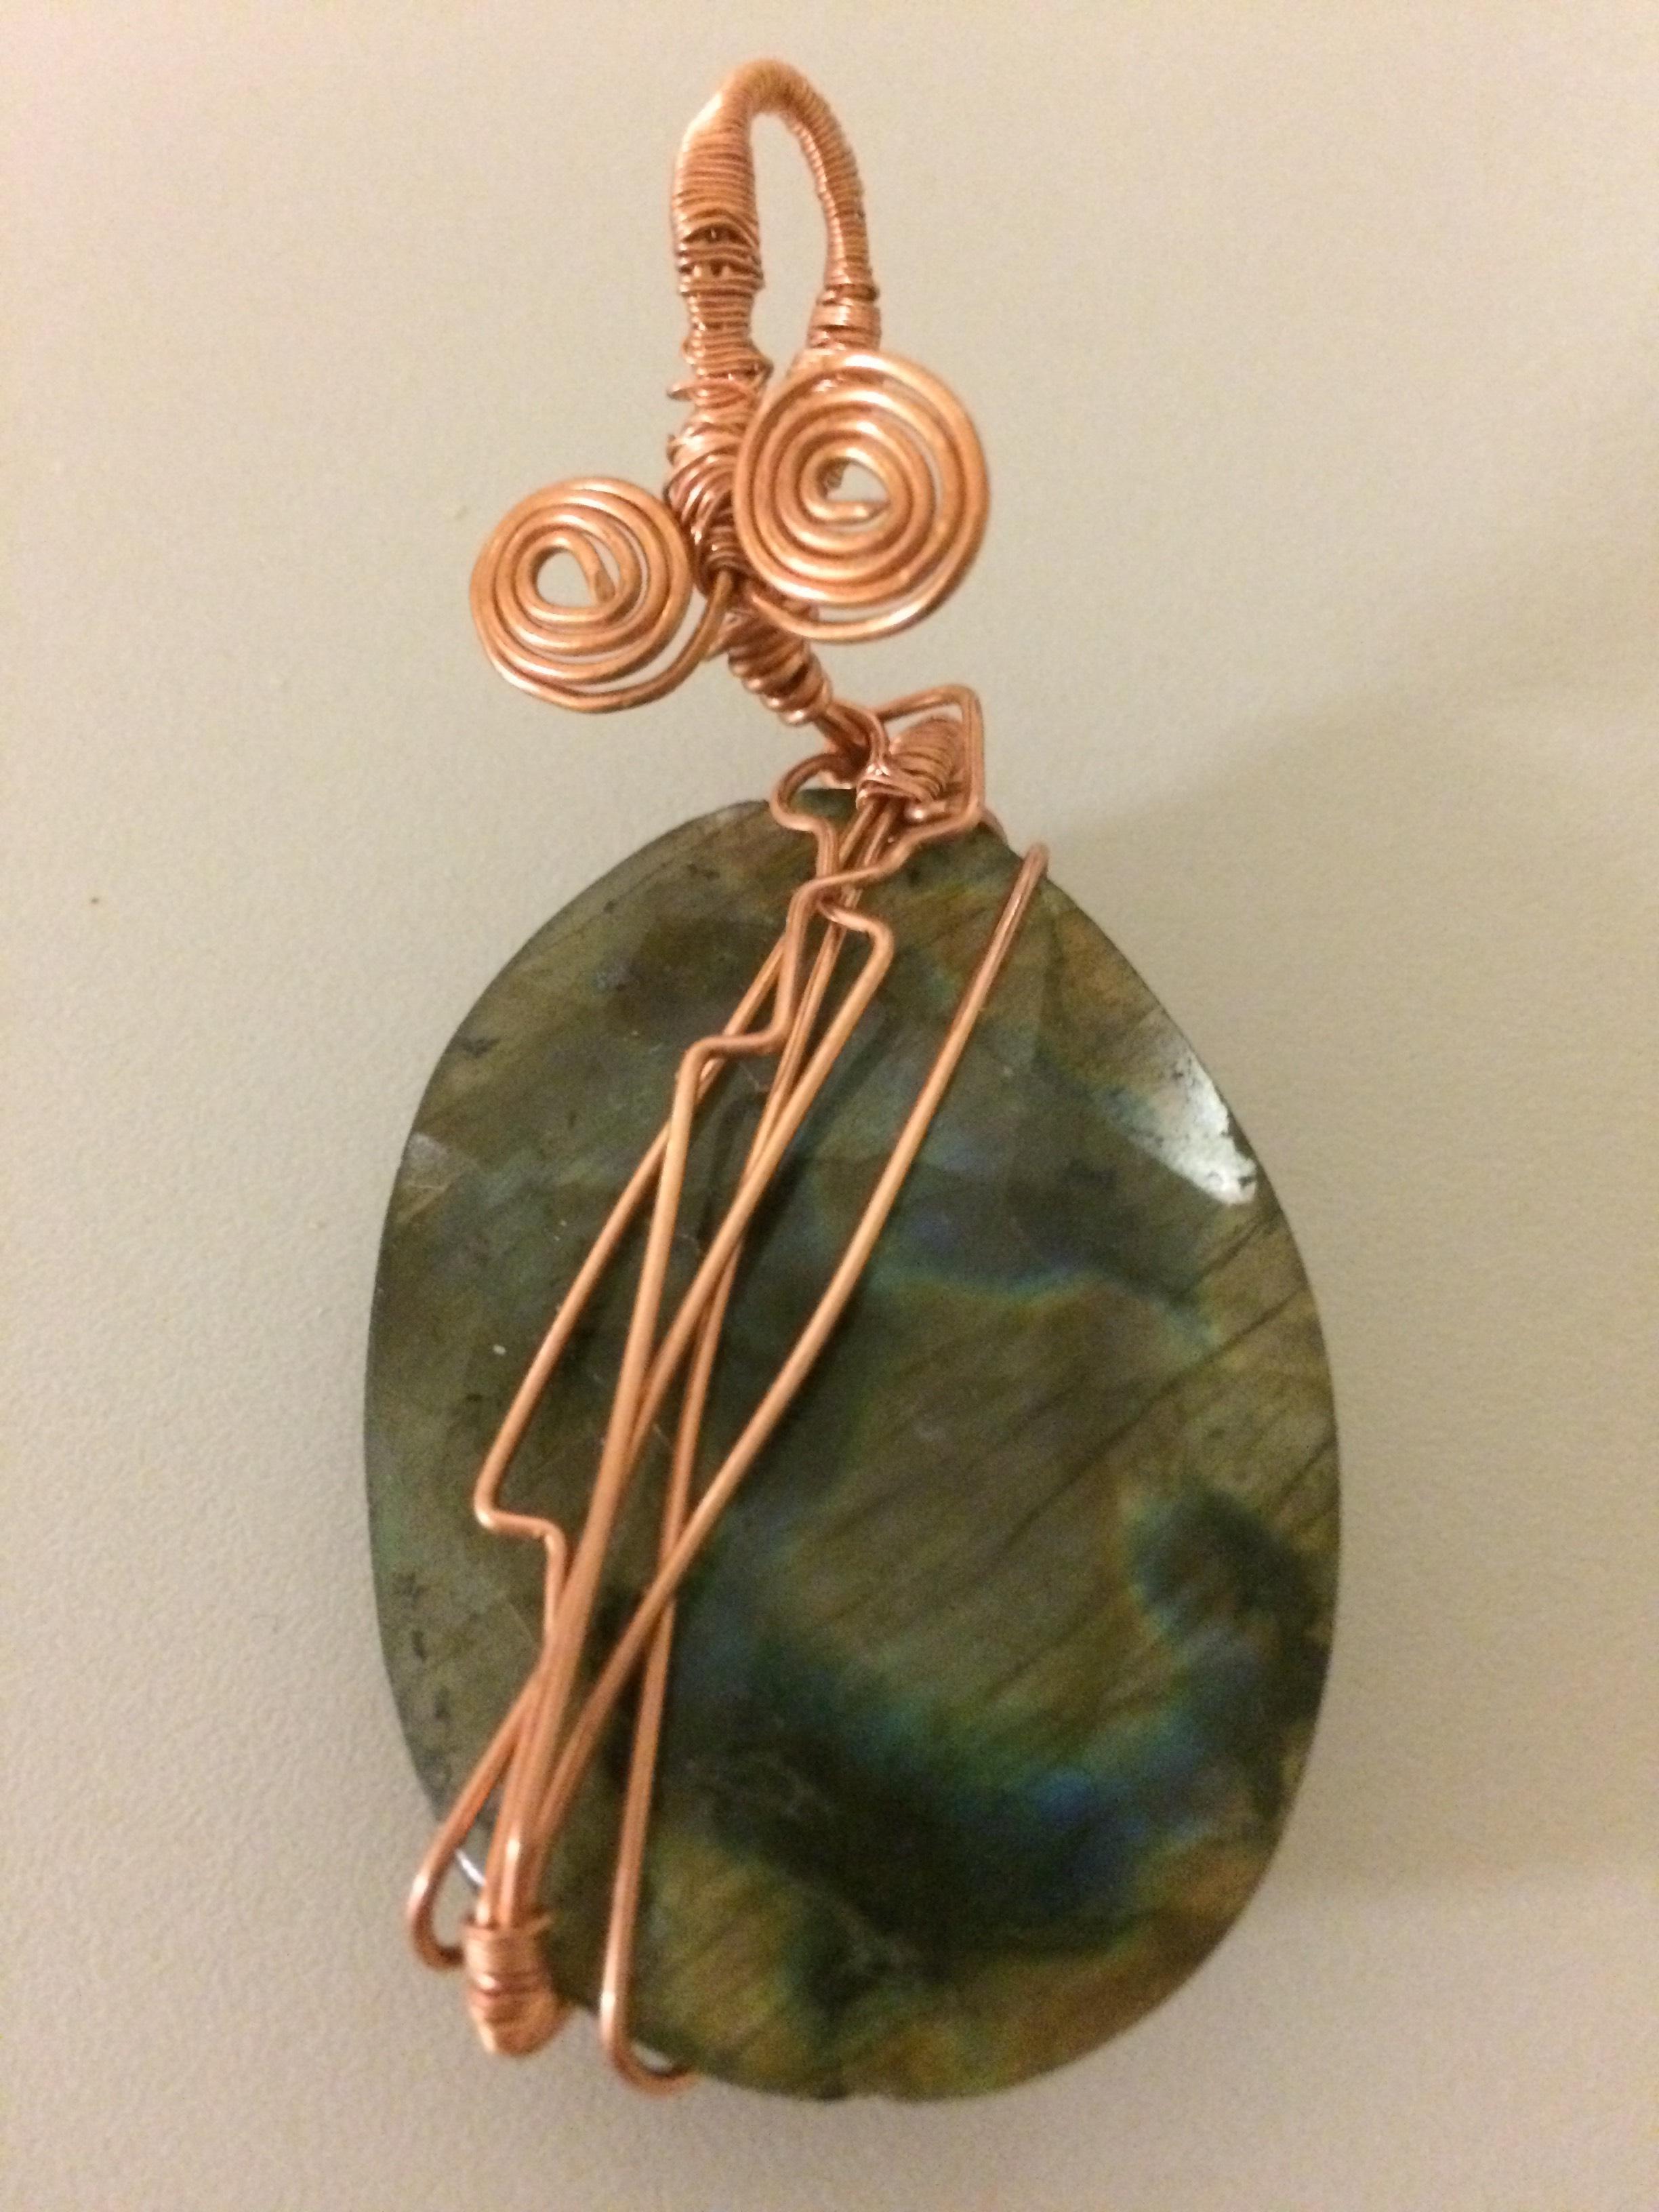 Labradorite Pendant with Copper Wire – #8